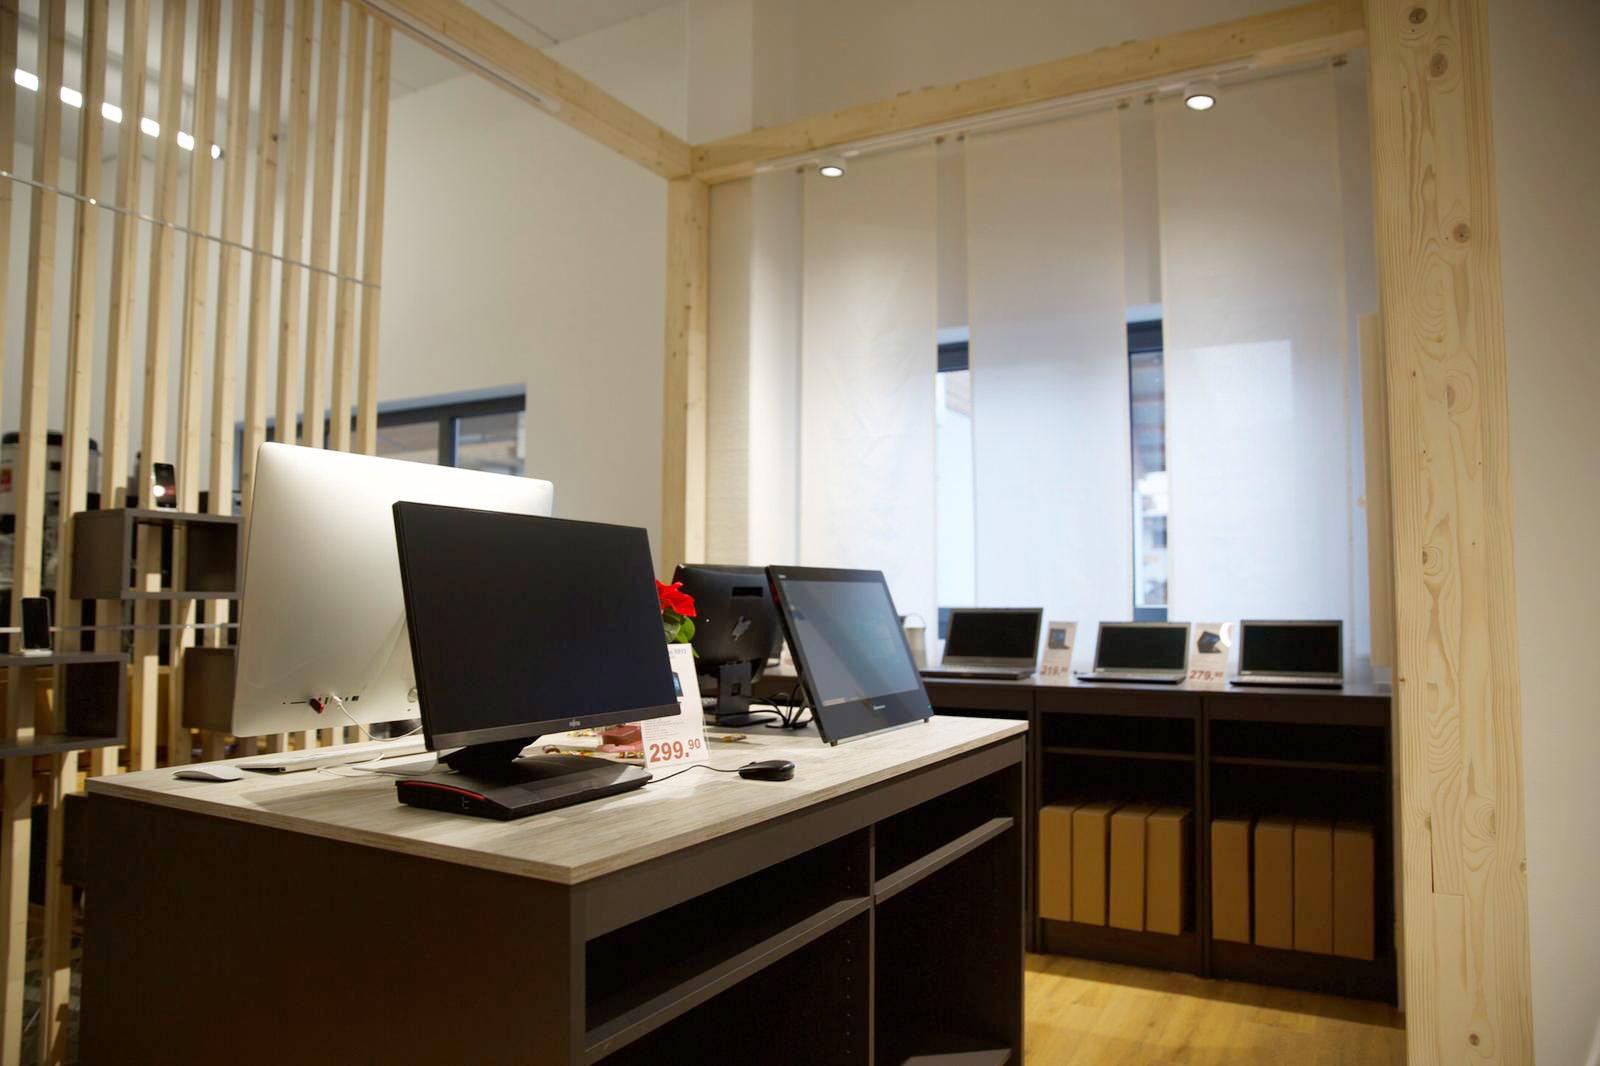 Ansicht IT-Welt24 Flagship Store in Brannenburg